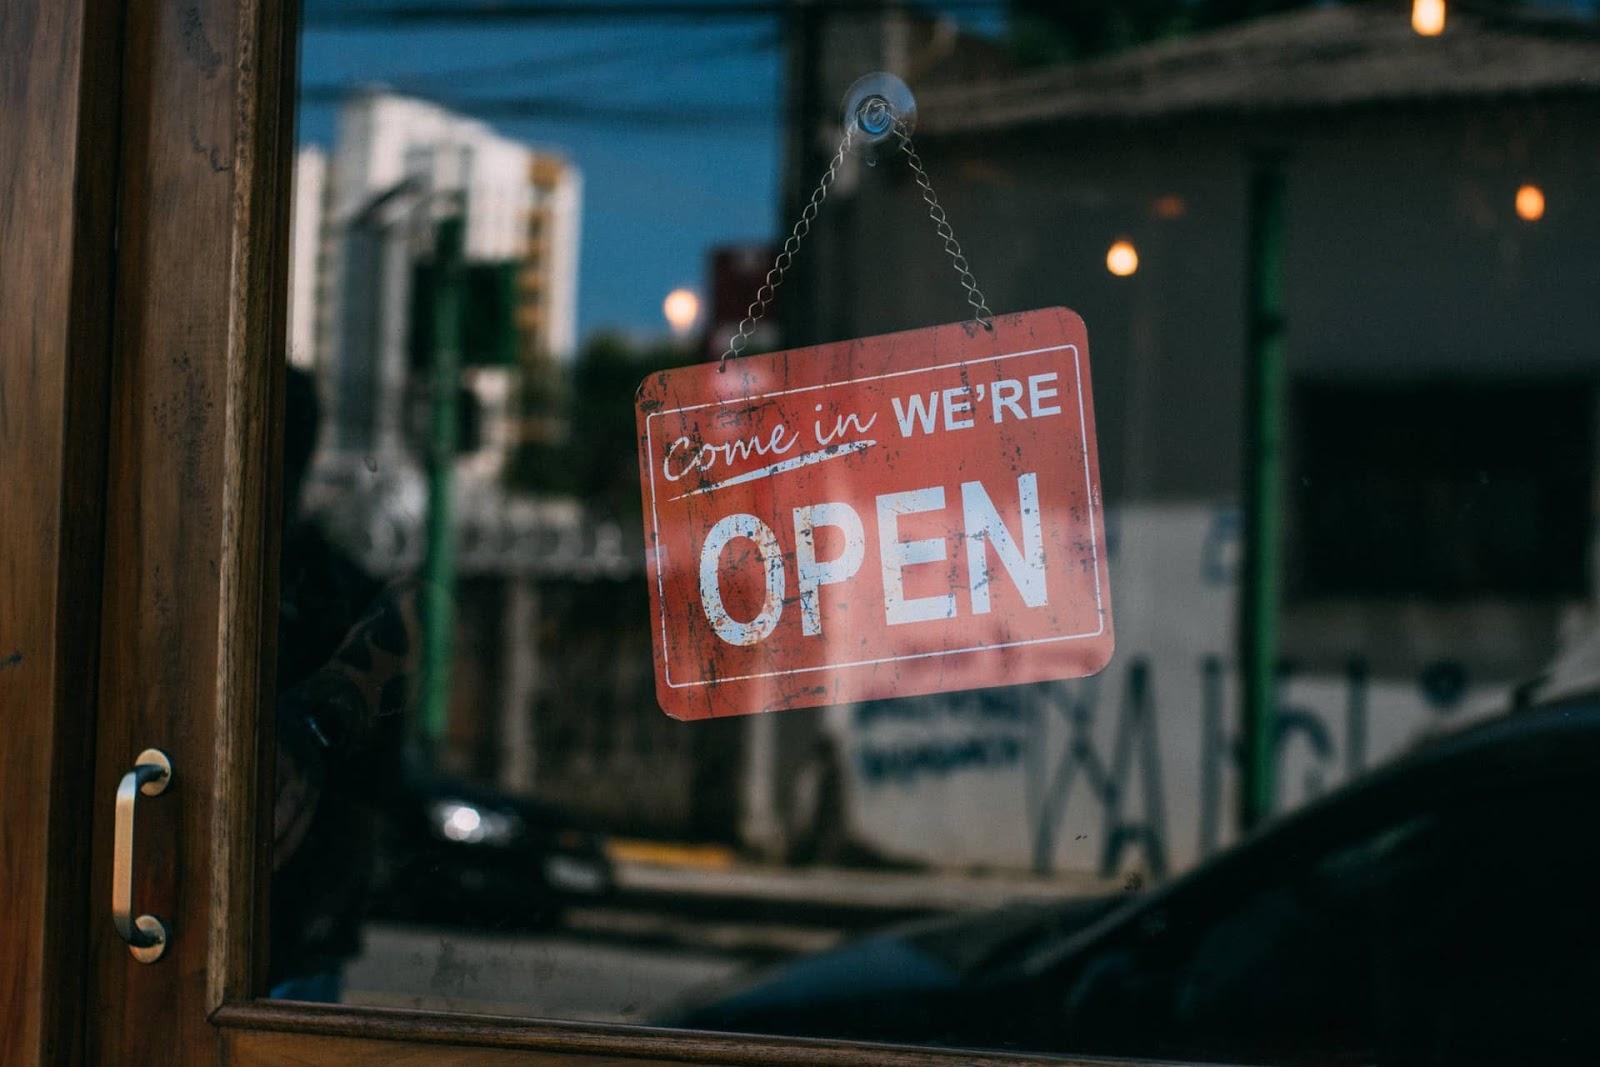 open sign hanging on a door